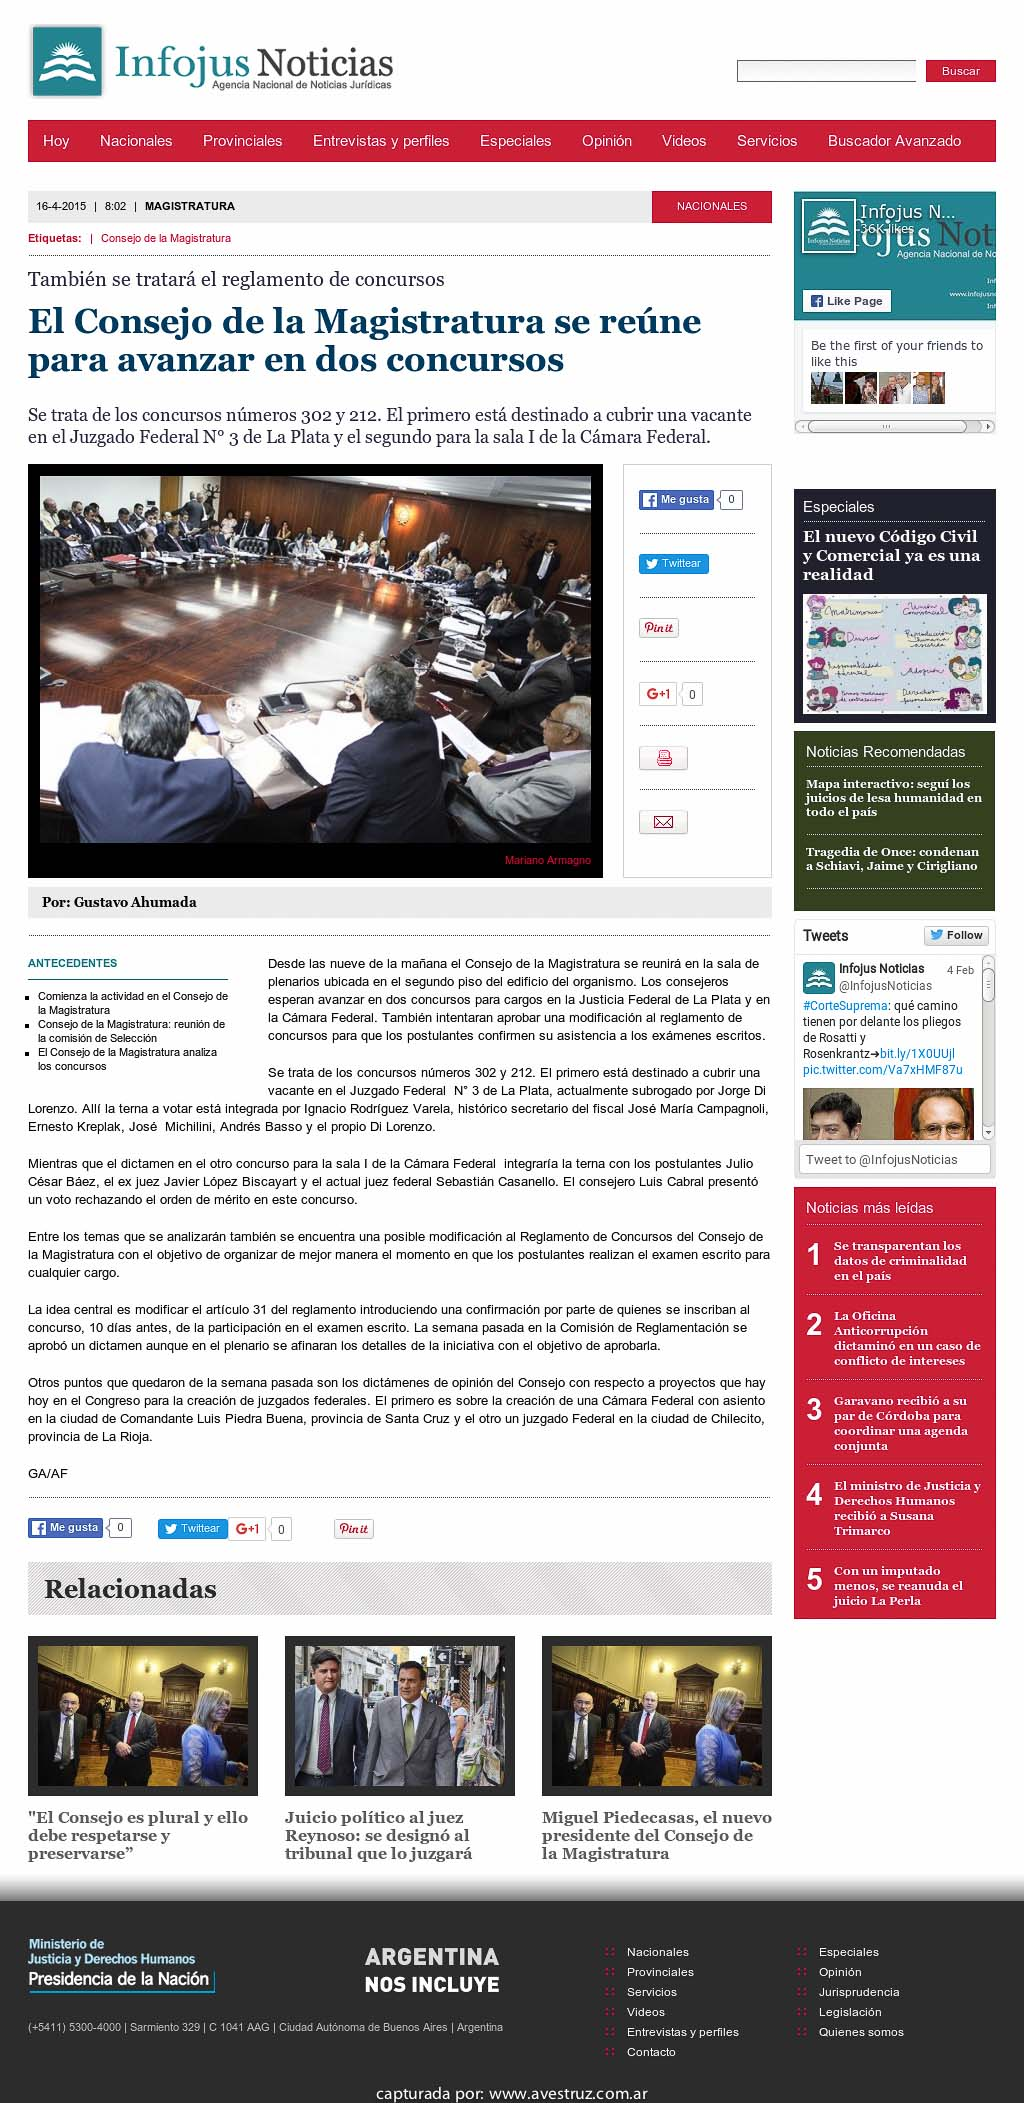 Infojus: El Consejo de la Magistratura se reúne para avanzar en dos ...